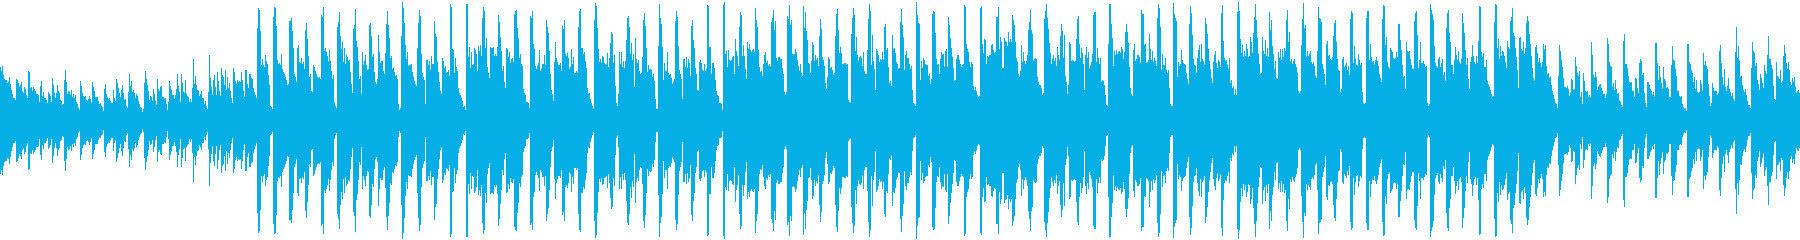 ピアノとシンセのシリアスなループ曲の再生済みの波形